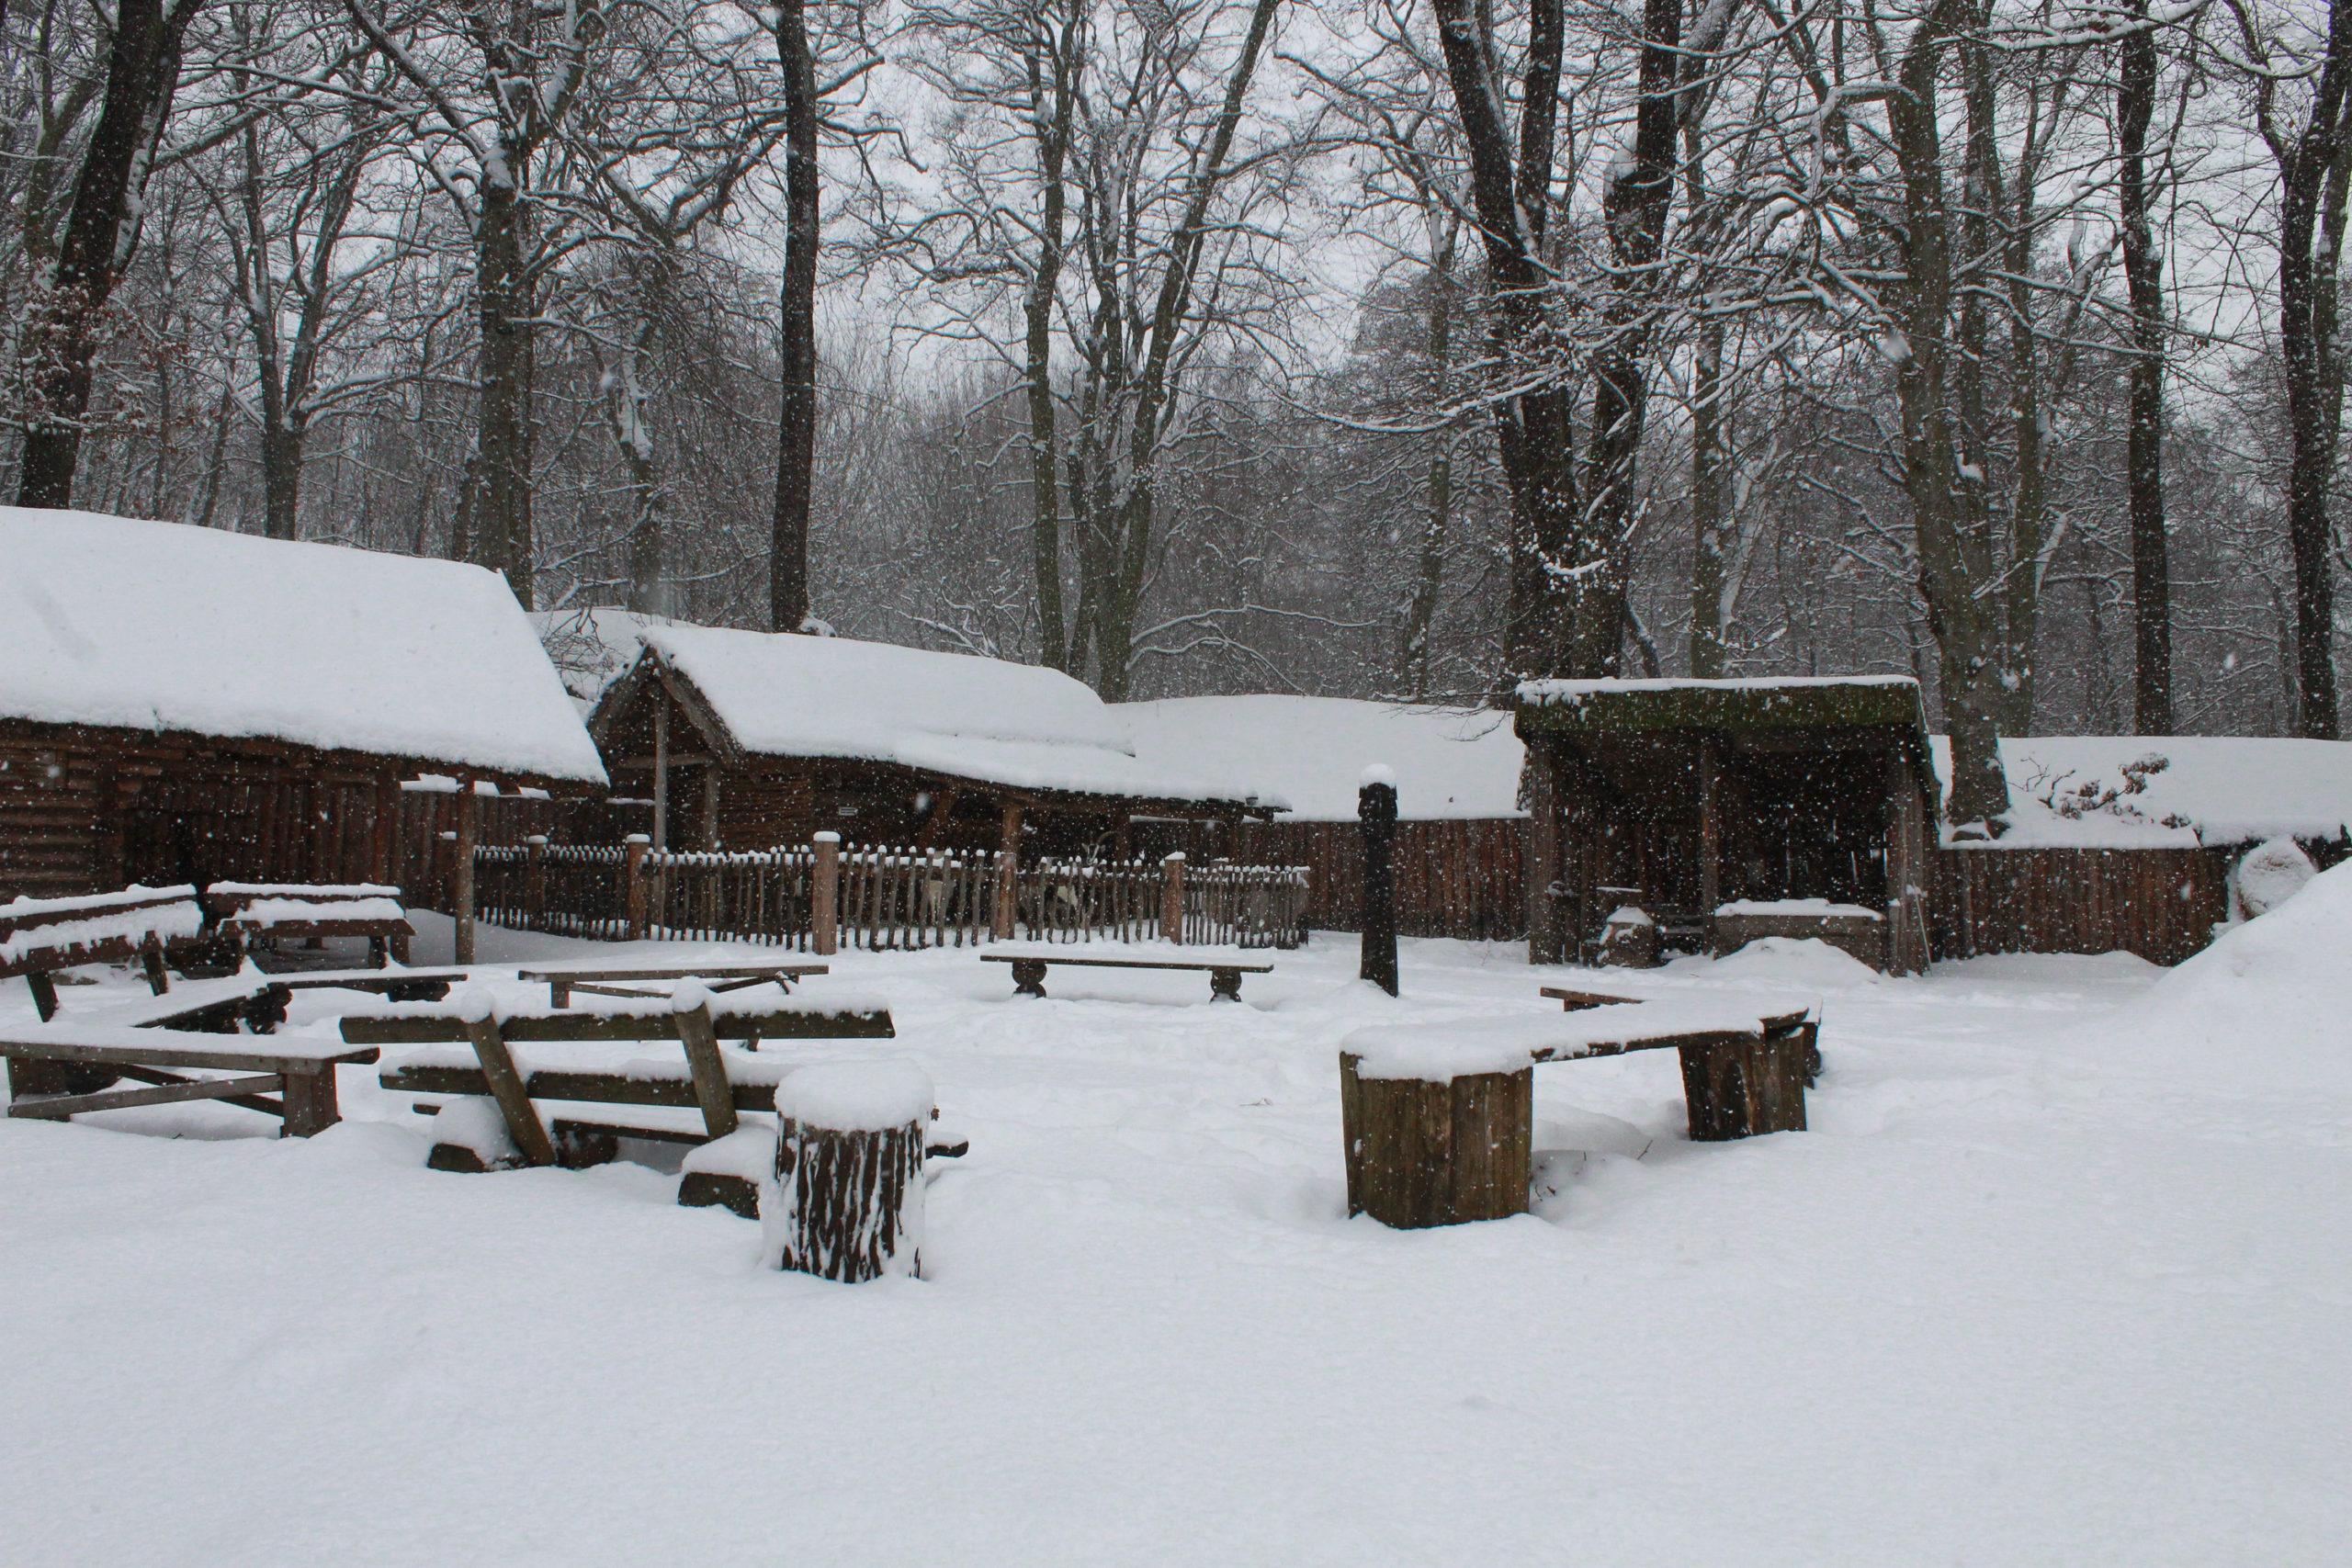 widok na zaśnieżone ławki i altany